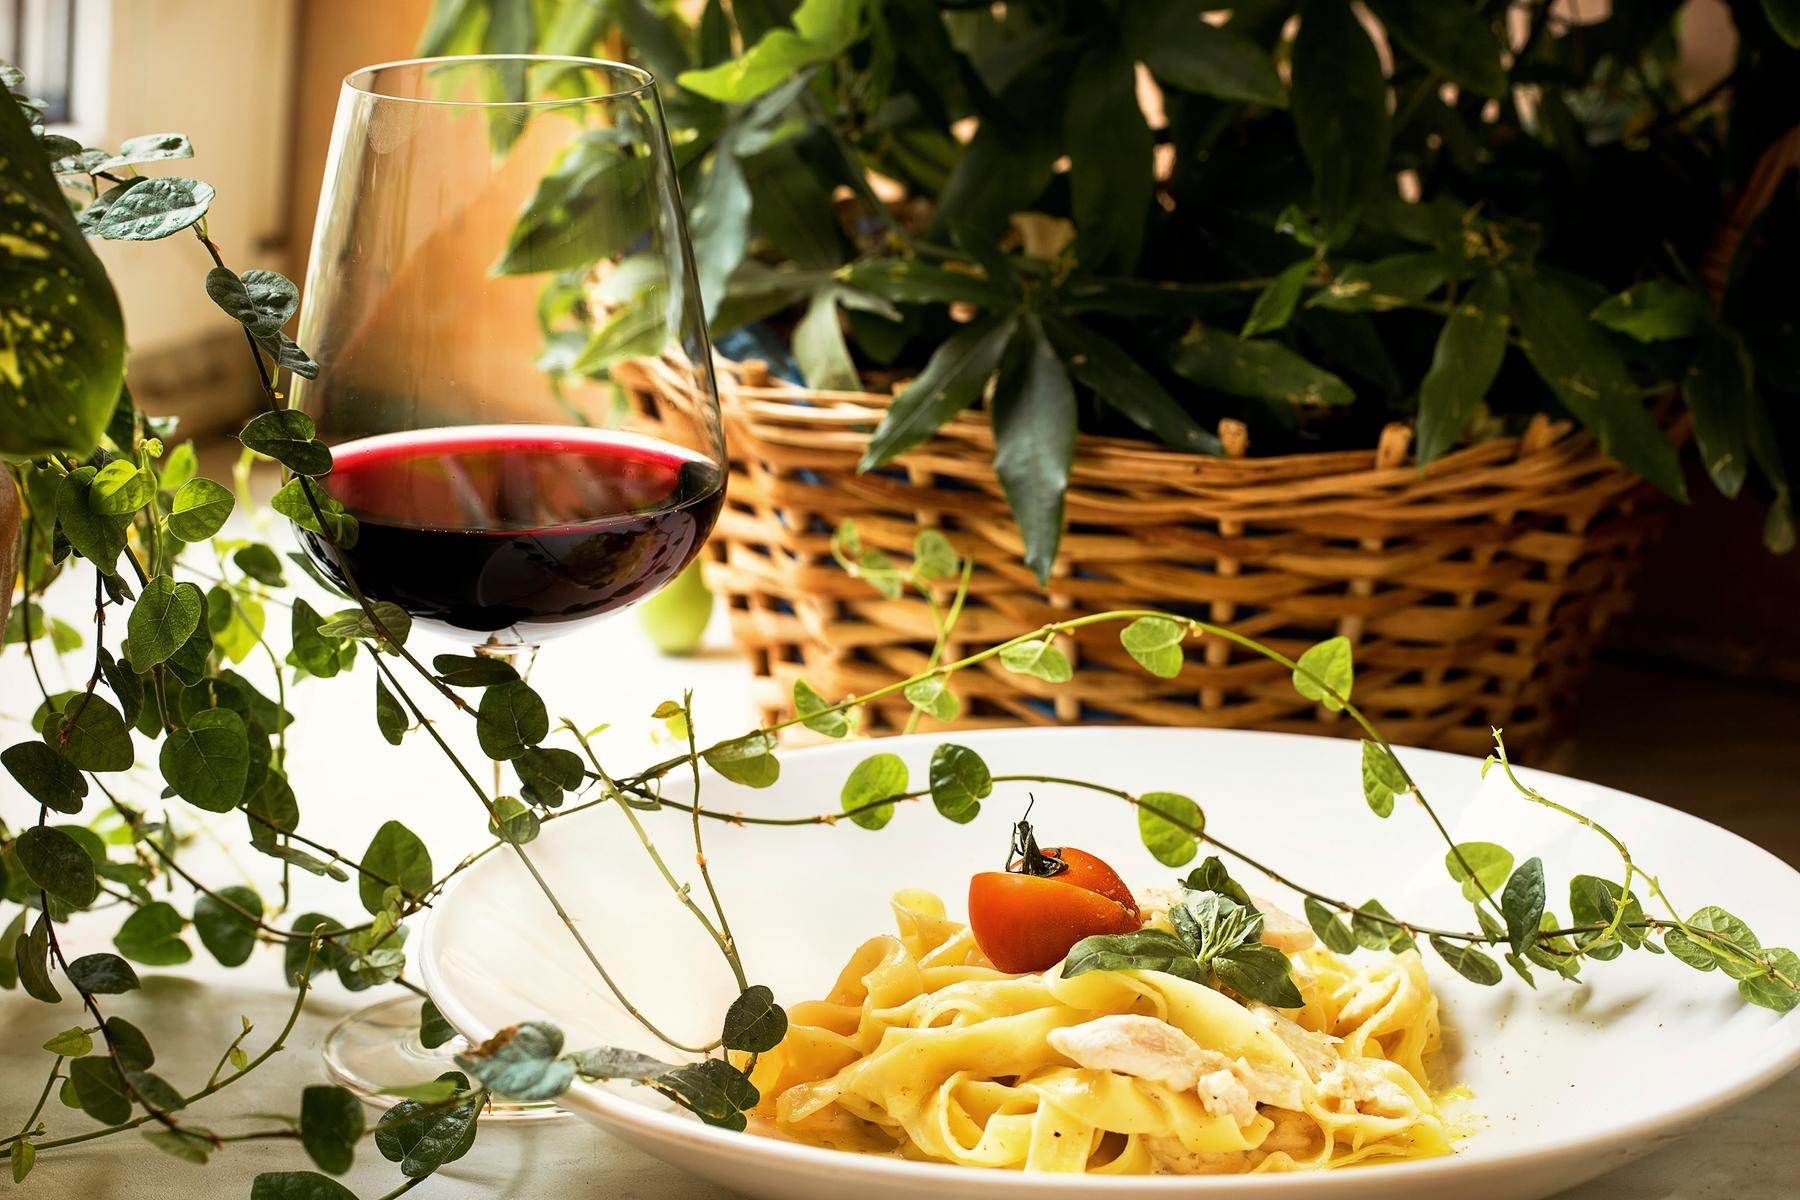 Итальянская паста тальятелле и бокал красного вина.